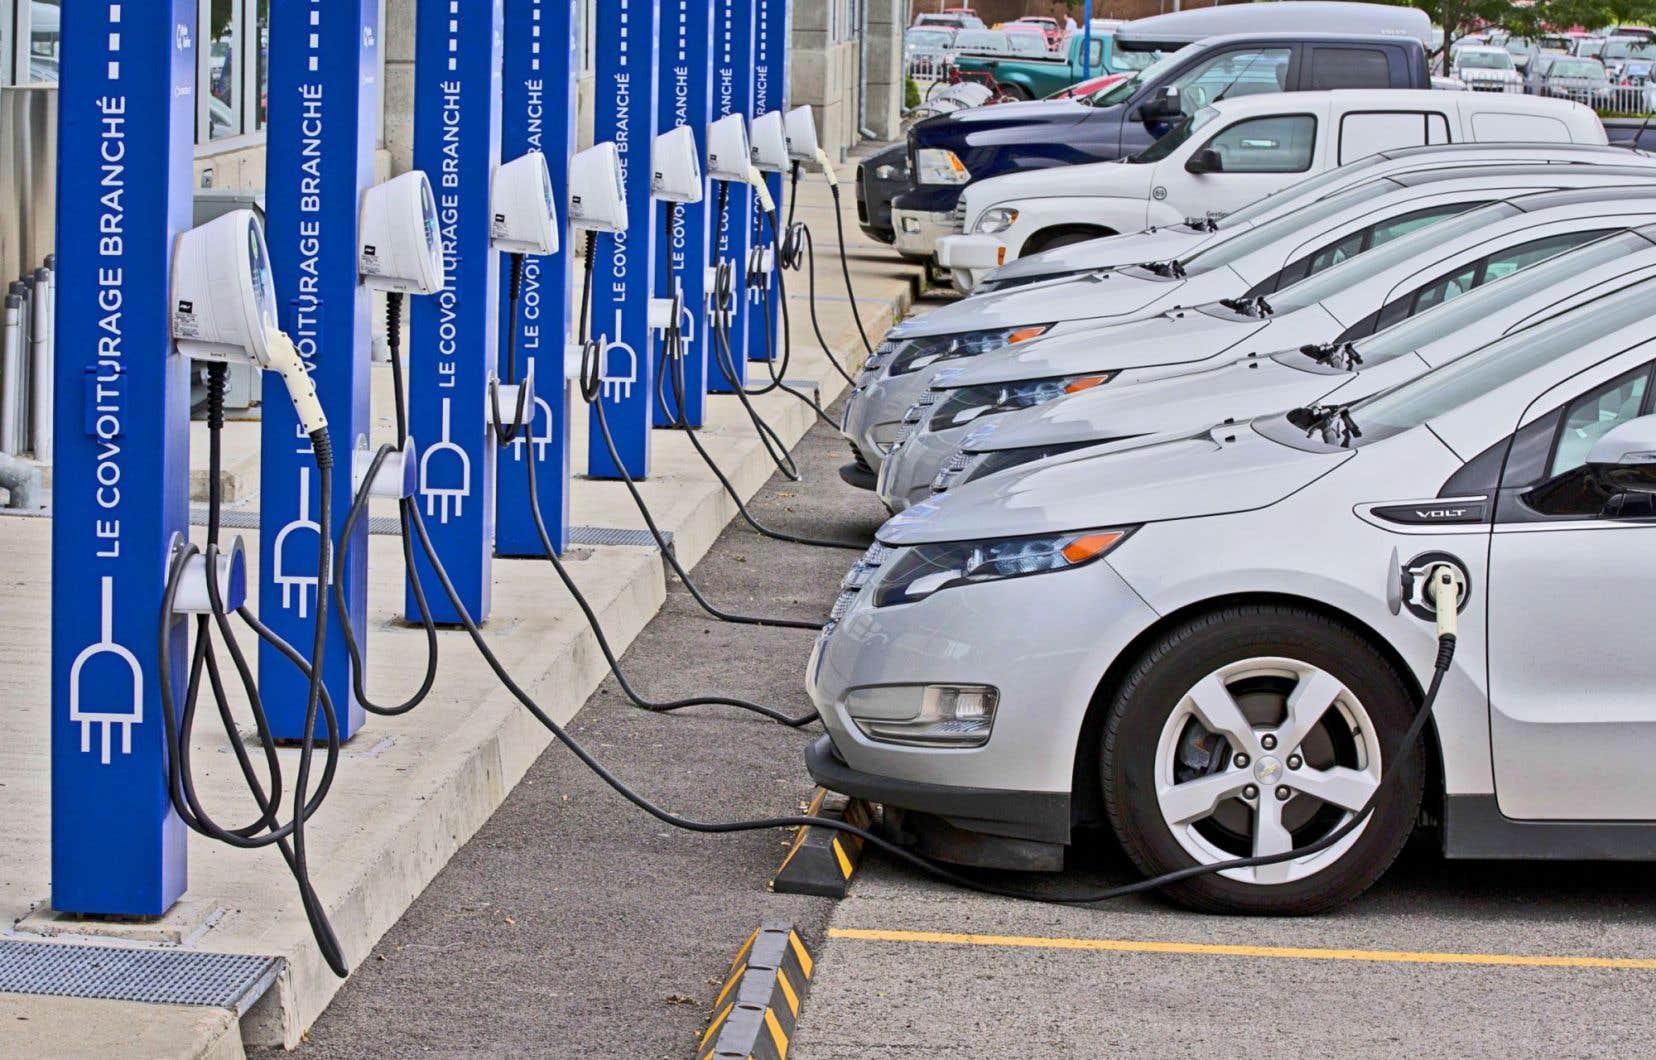 Toute hausse de subvention à l'achat de voitures électriques pénaliserait non seulement les contribuables, mais aussi les finances du Québec.